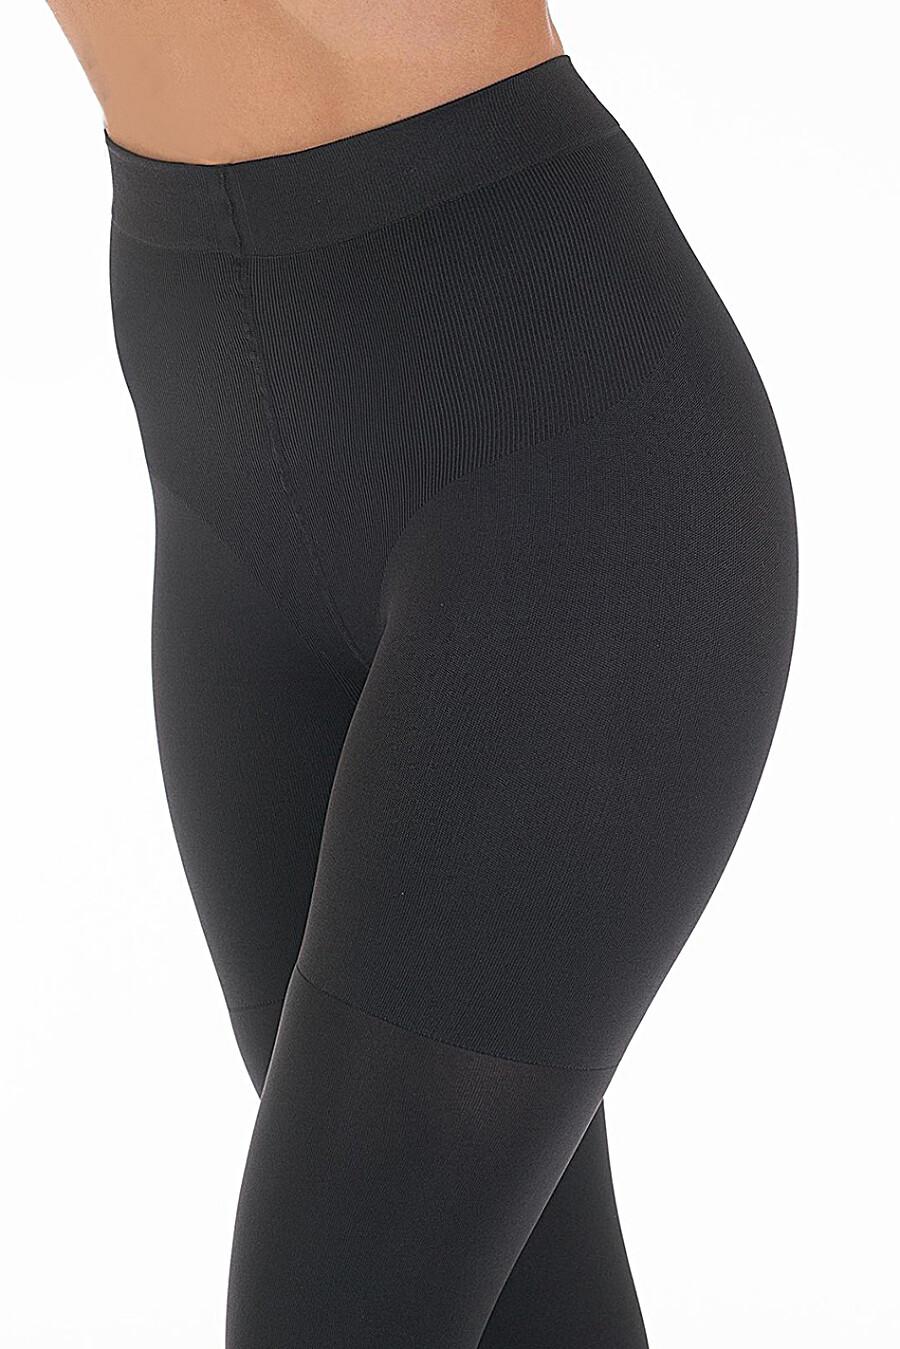 Колготки для женщин MINIMI 272741 купить оптом от производителя. Совместная покупка женской одежды в OptMoyo